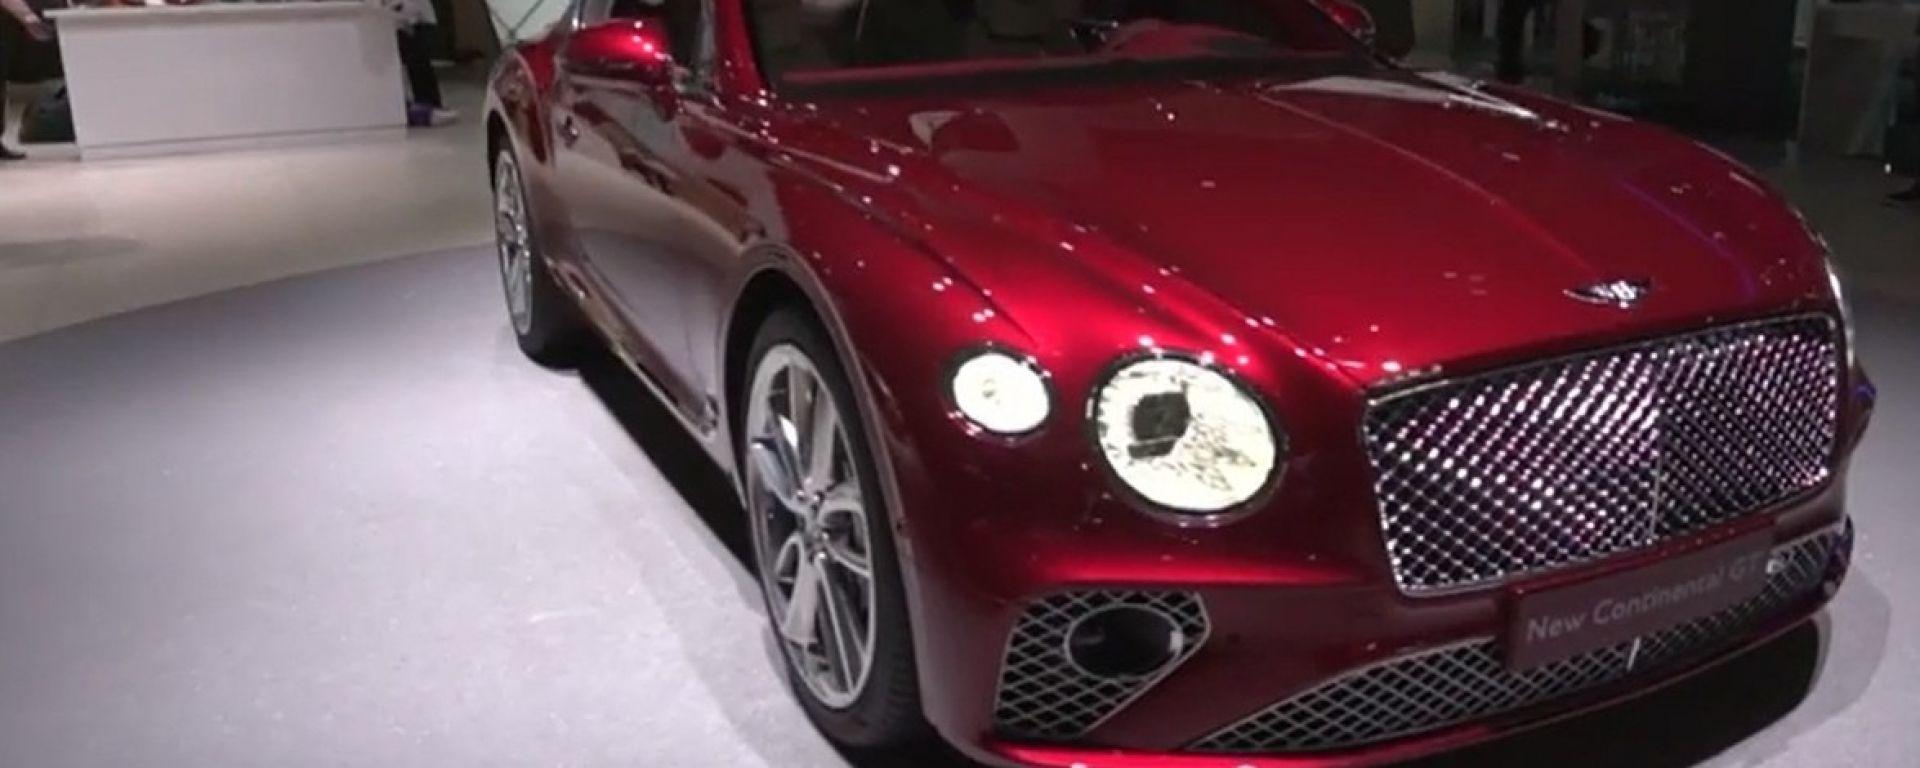 Nuova Bentley Continental GT 2018: lusso e tecnologia al top